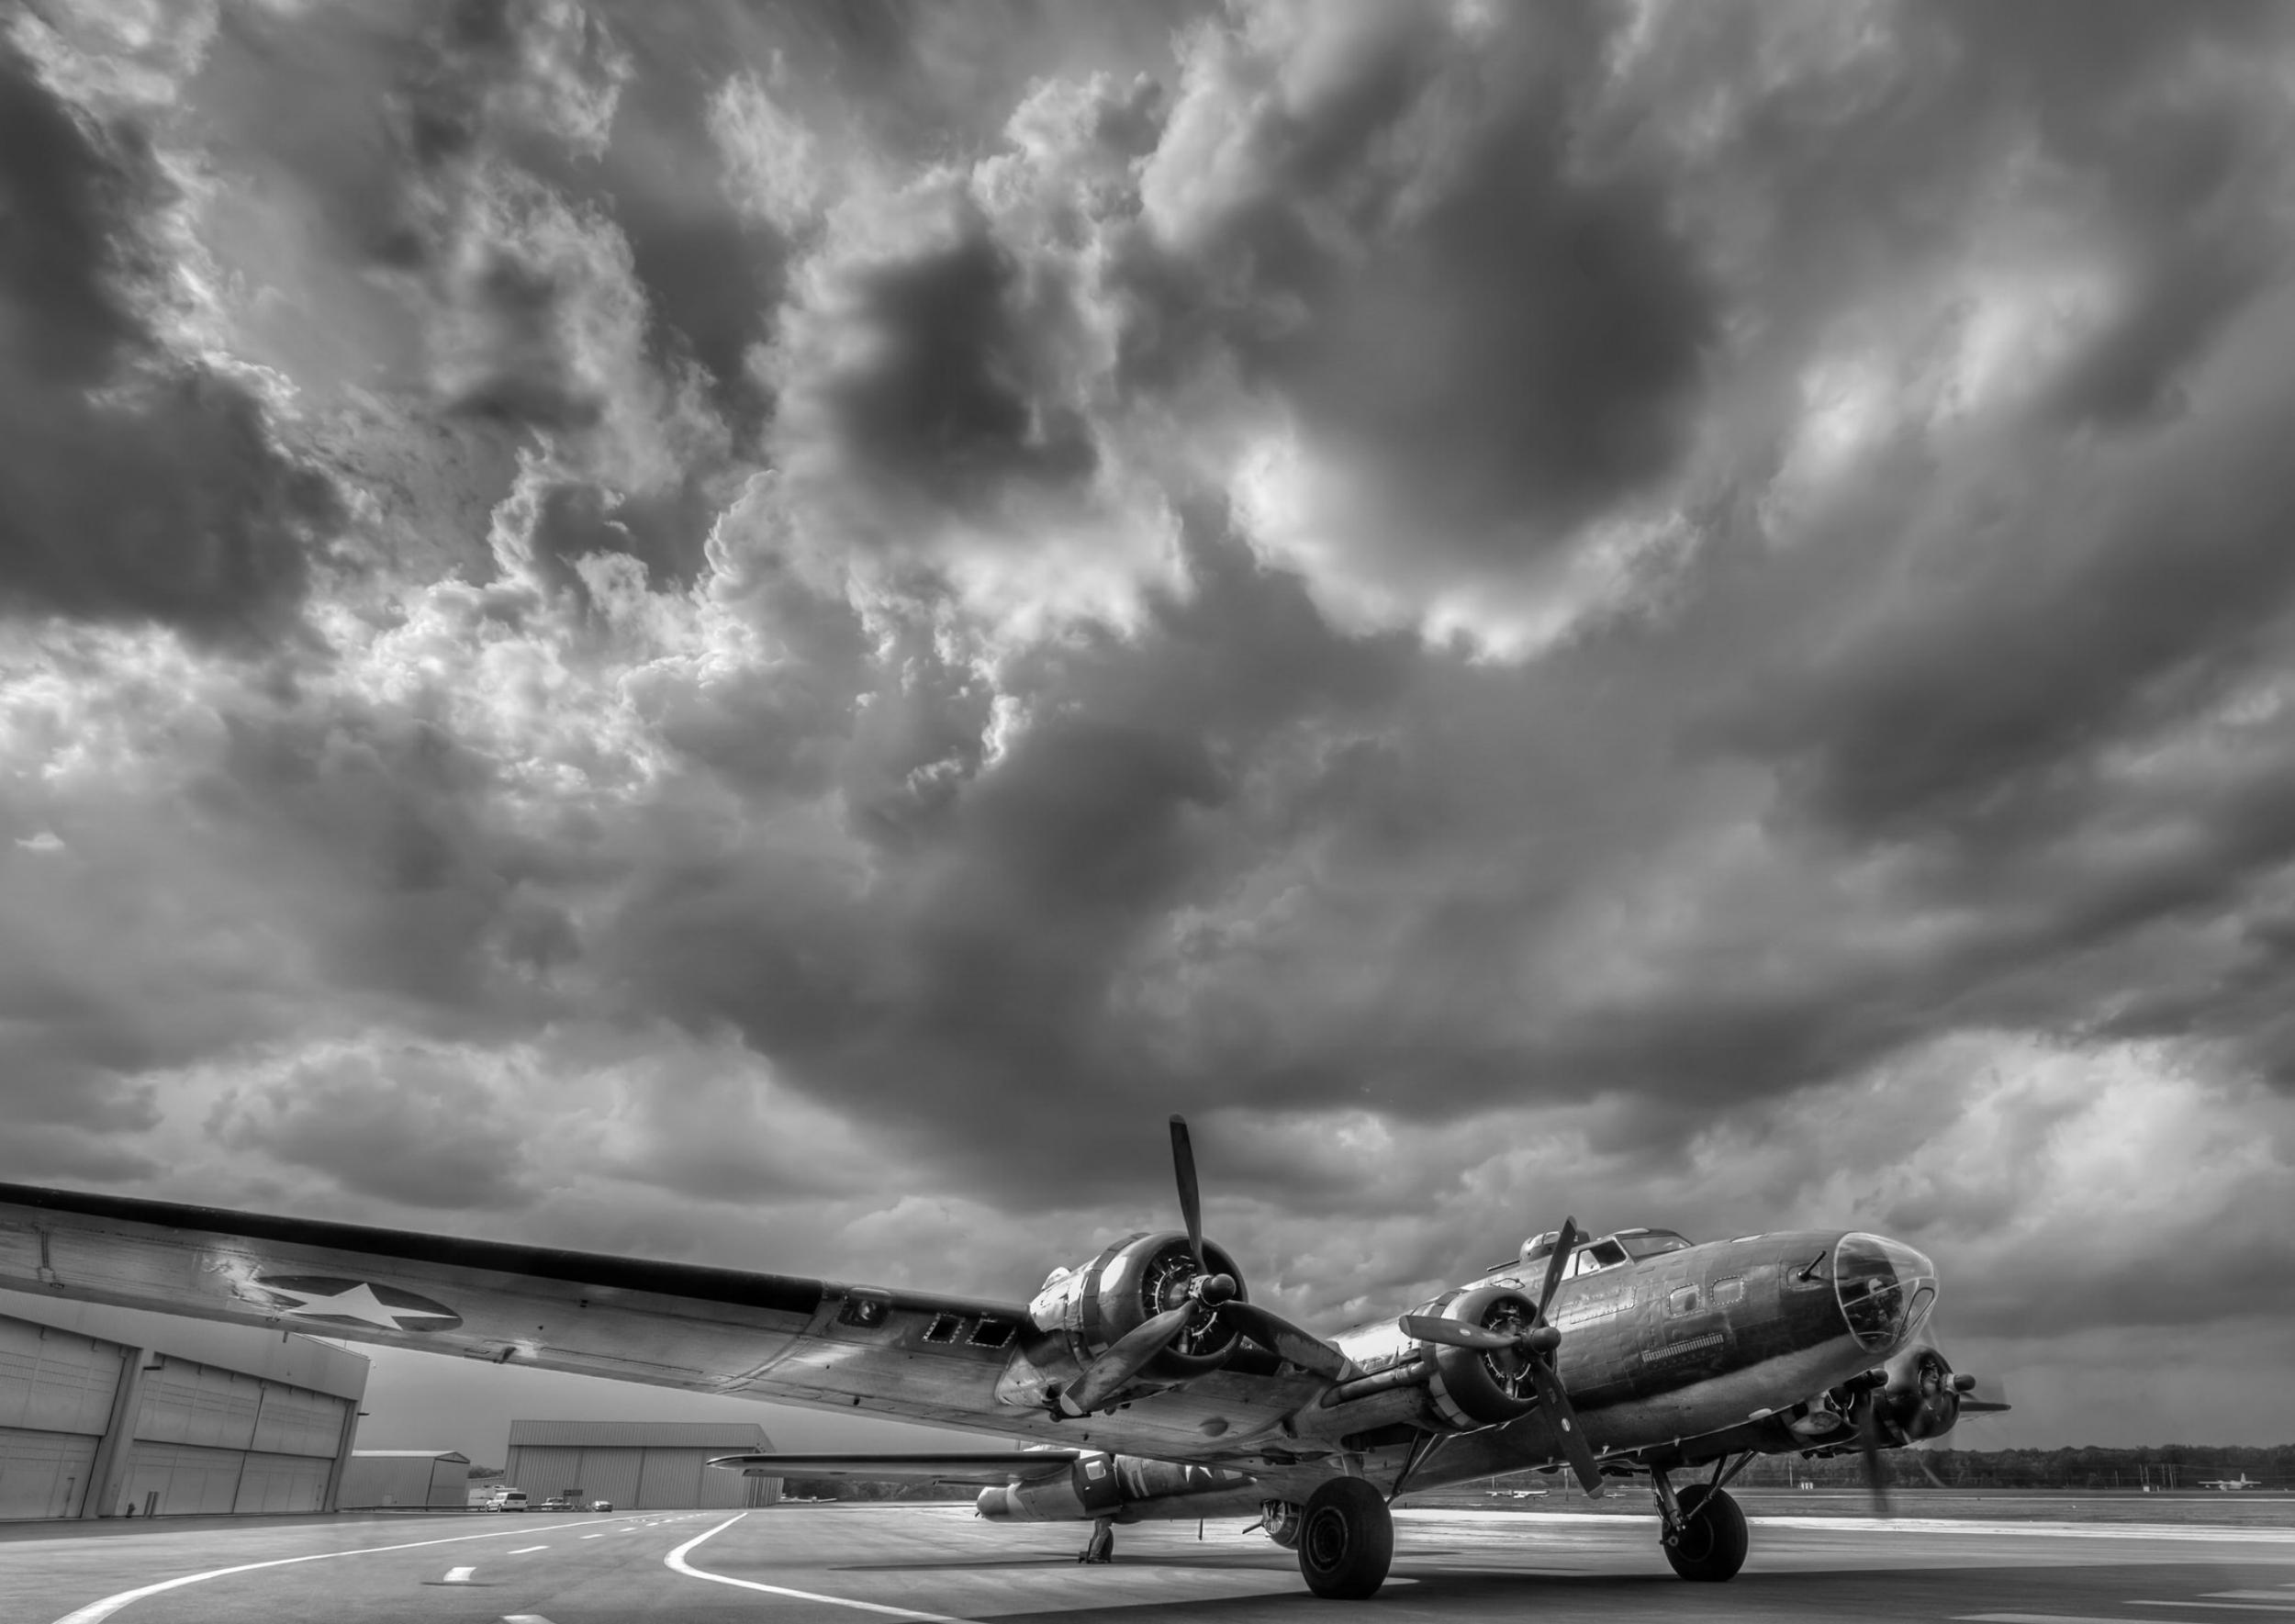 B-17WorldWar2Bomber.jpg